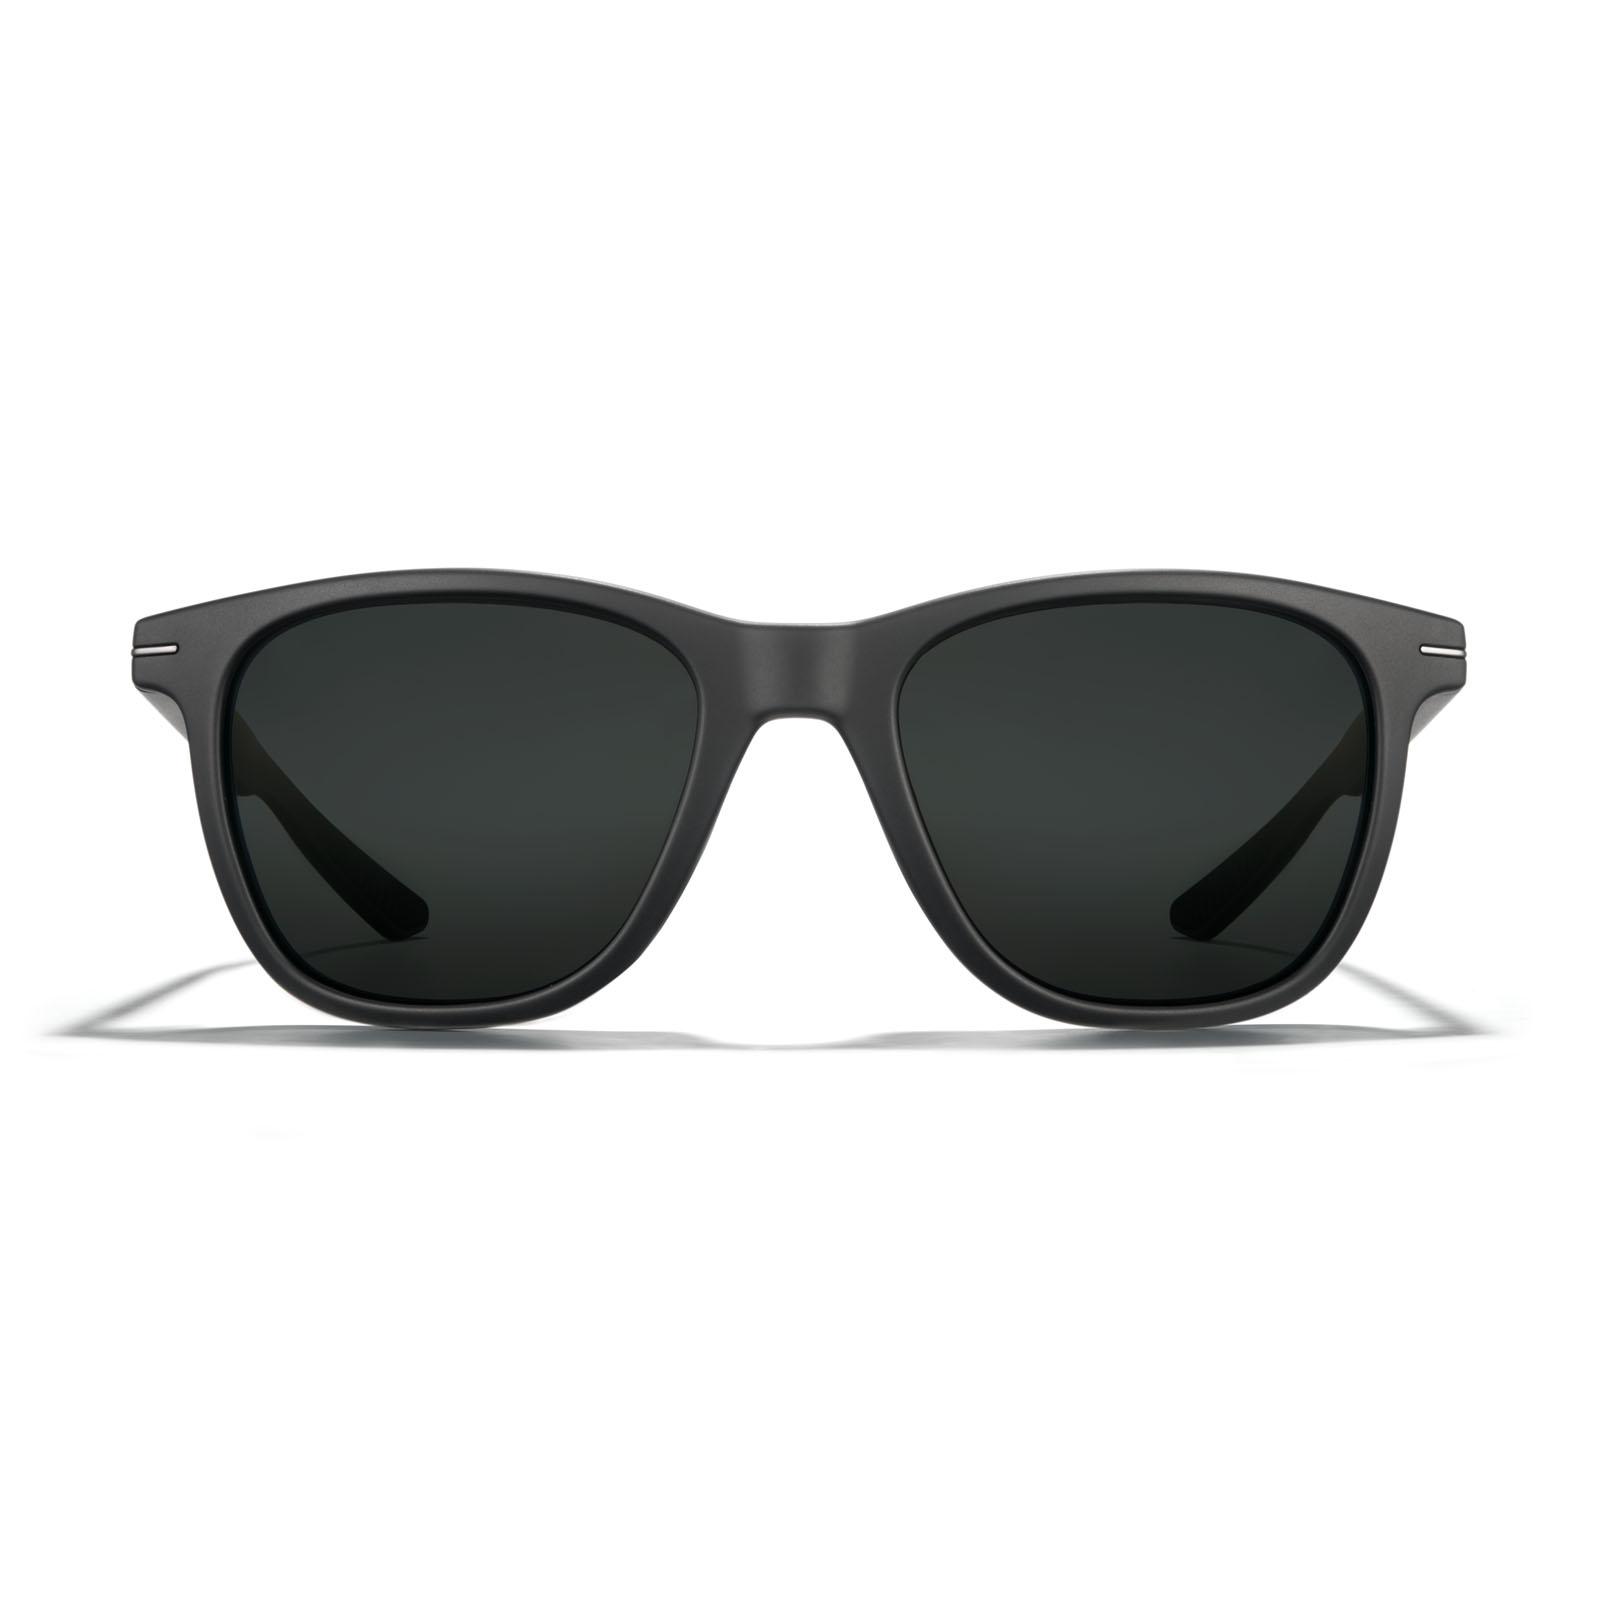 1a1f9dcba4 Halsey Prescription Sunglasses